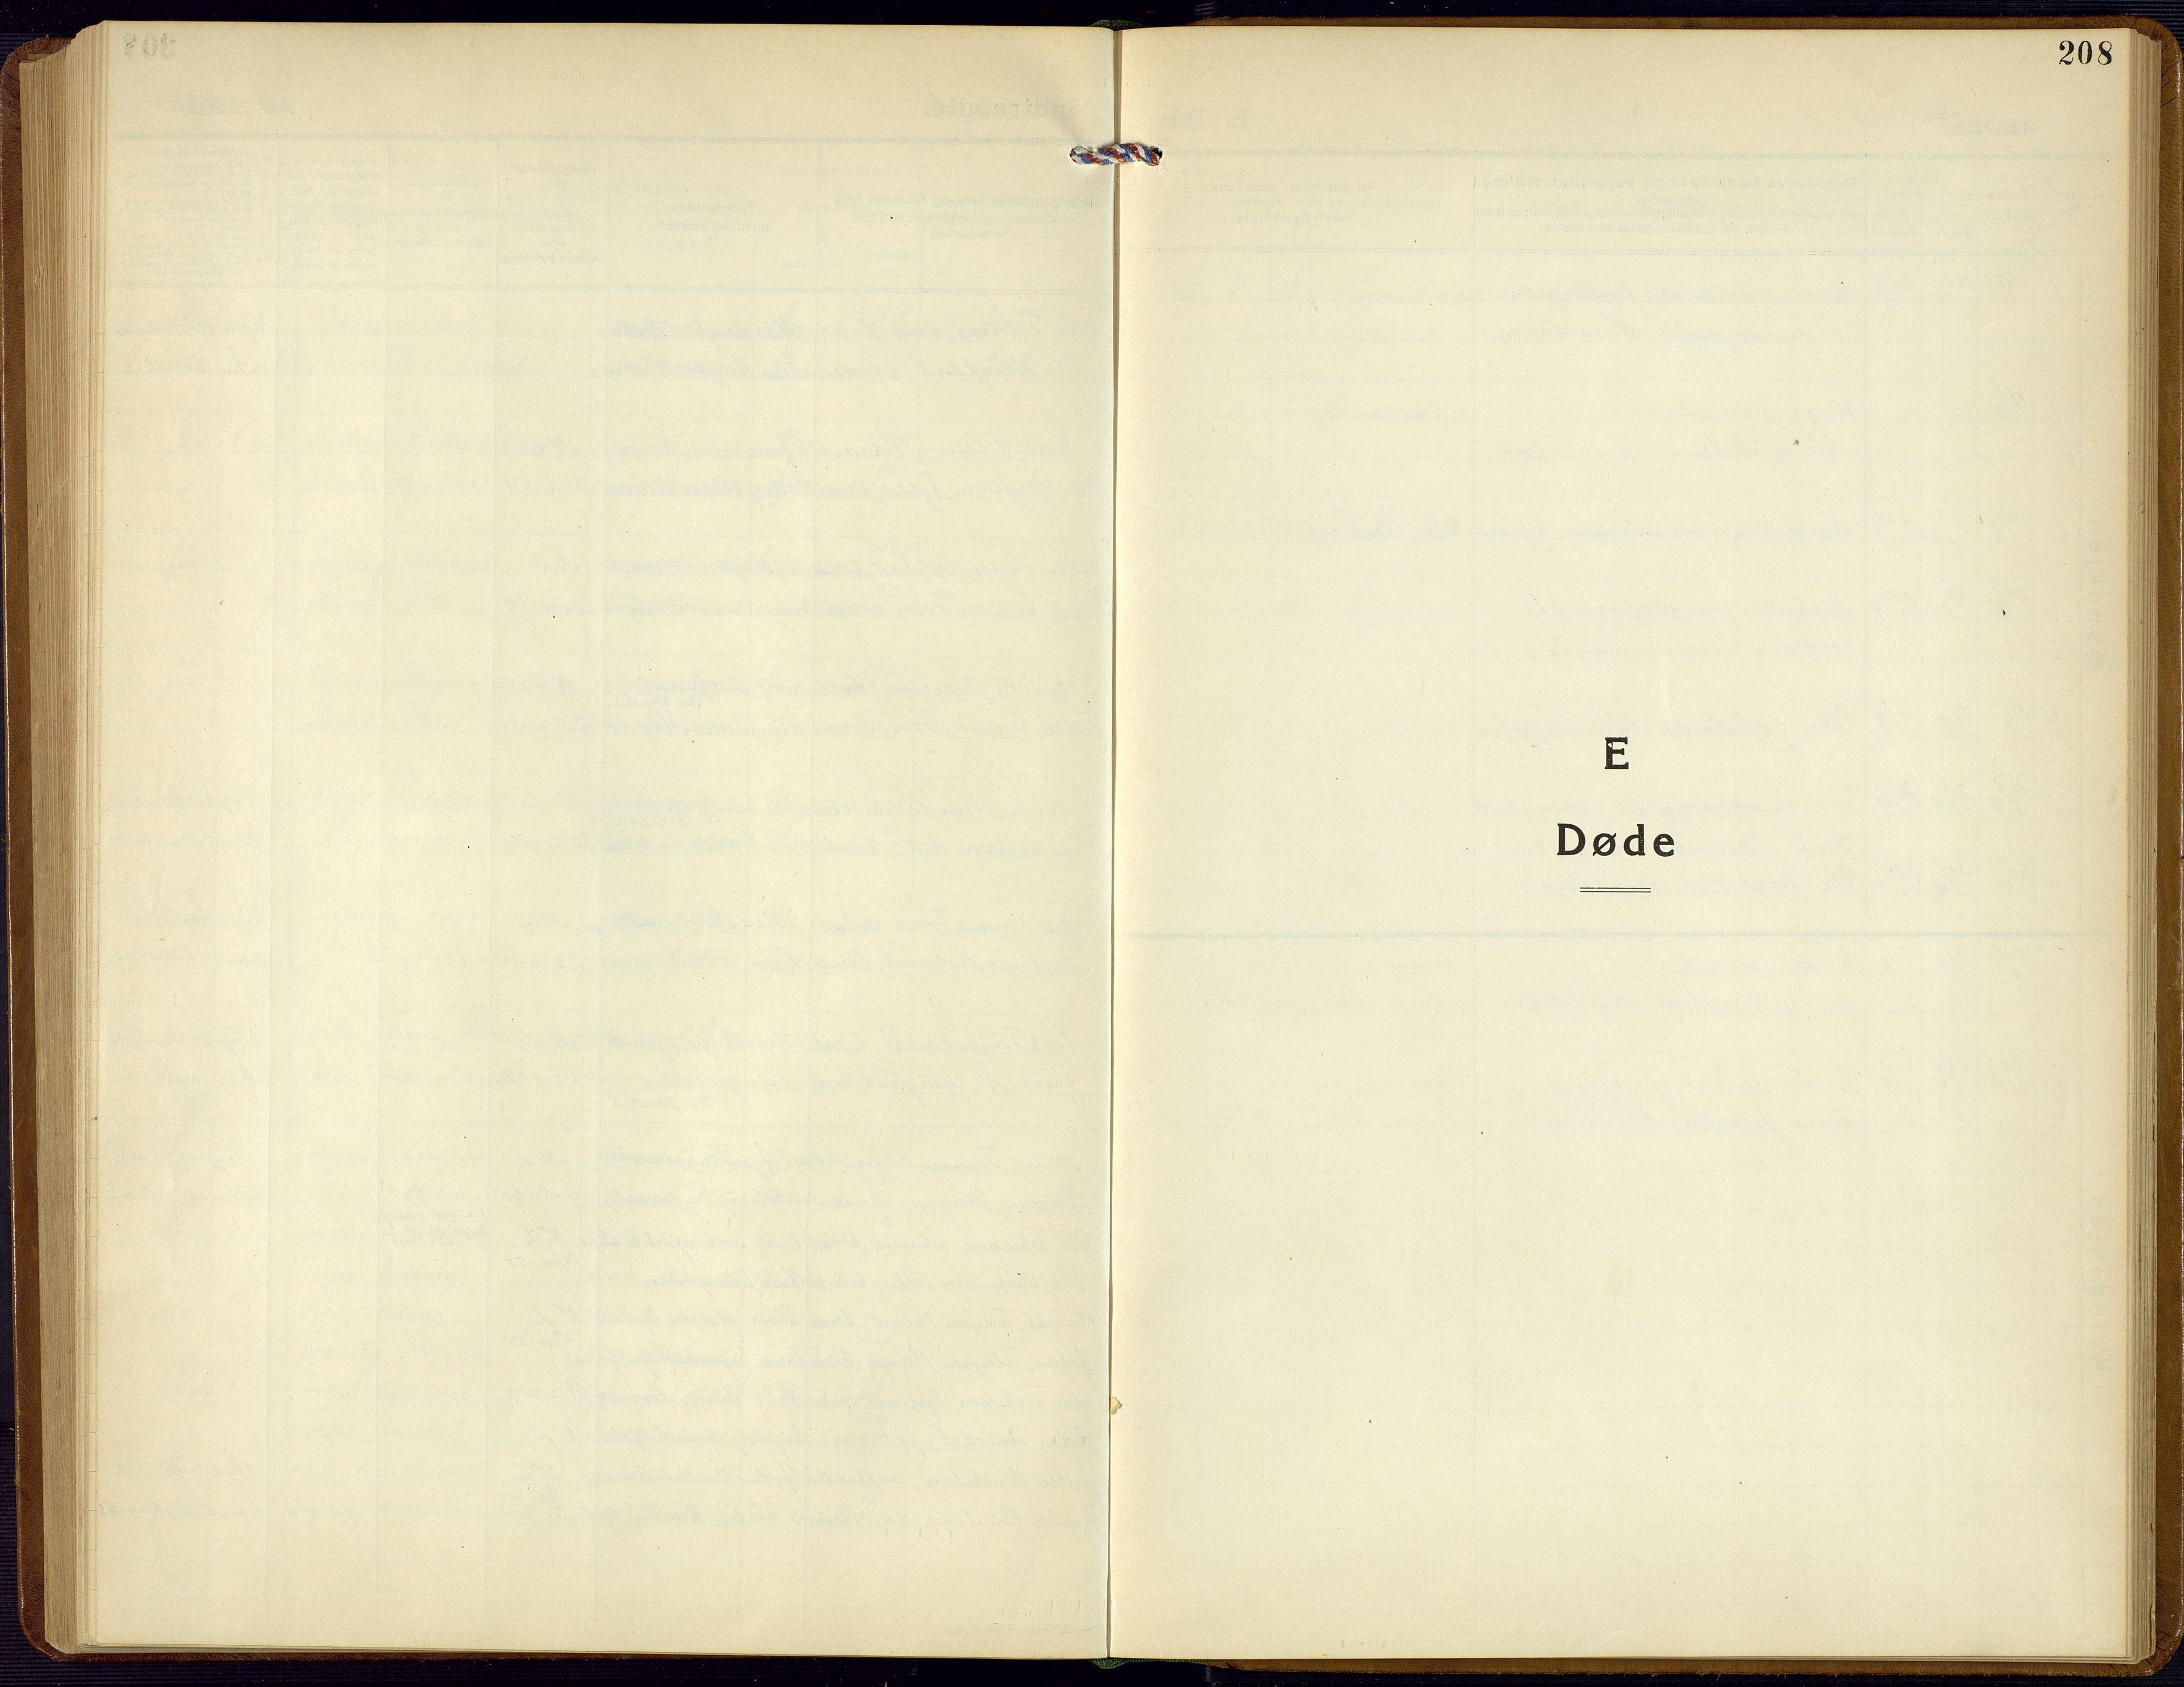 SAK, Bjelland sokneprestkontor, F/Fb/Fba/L0006: Klokkerbok nr. B 6, 1923-1956, s. 208